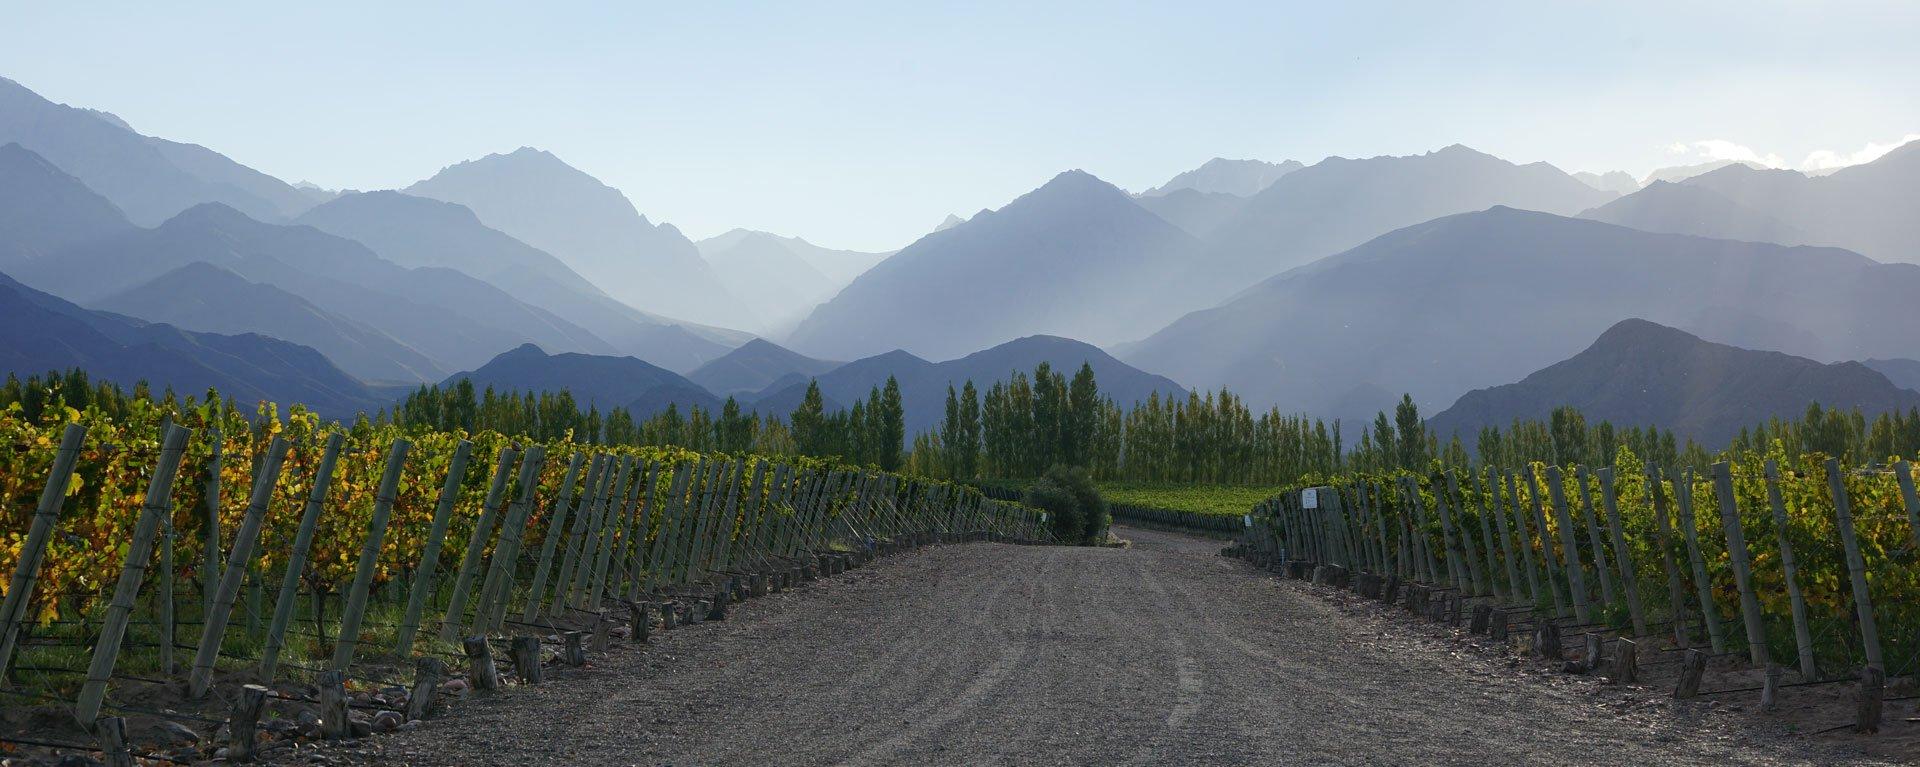 Argentinien, Weingut in Mendoza, Berge im Hintergrund, Latin America Tours, Reisen